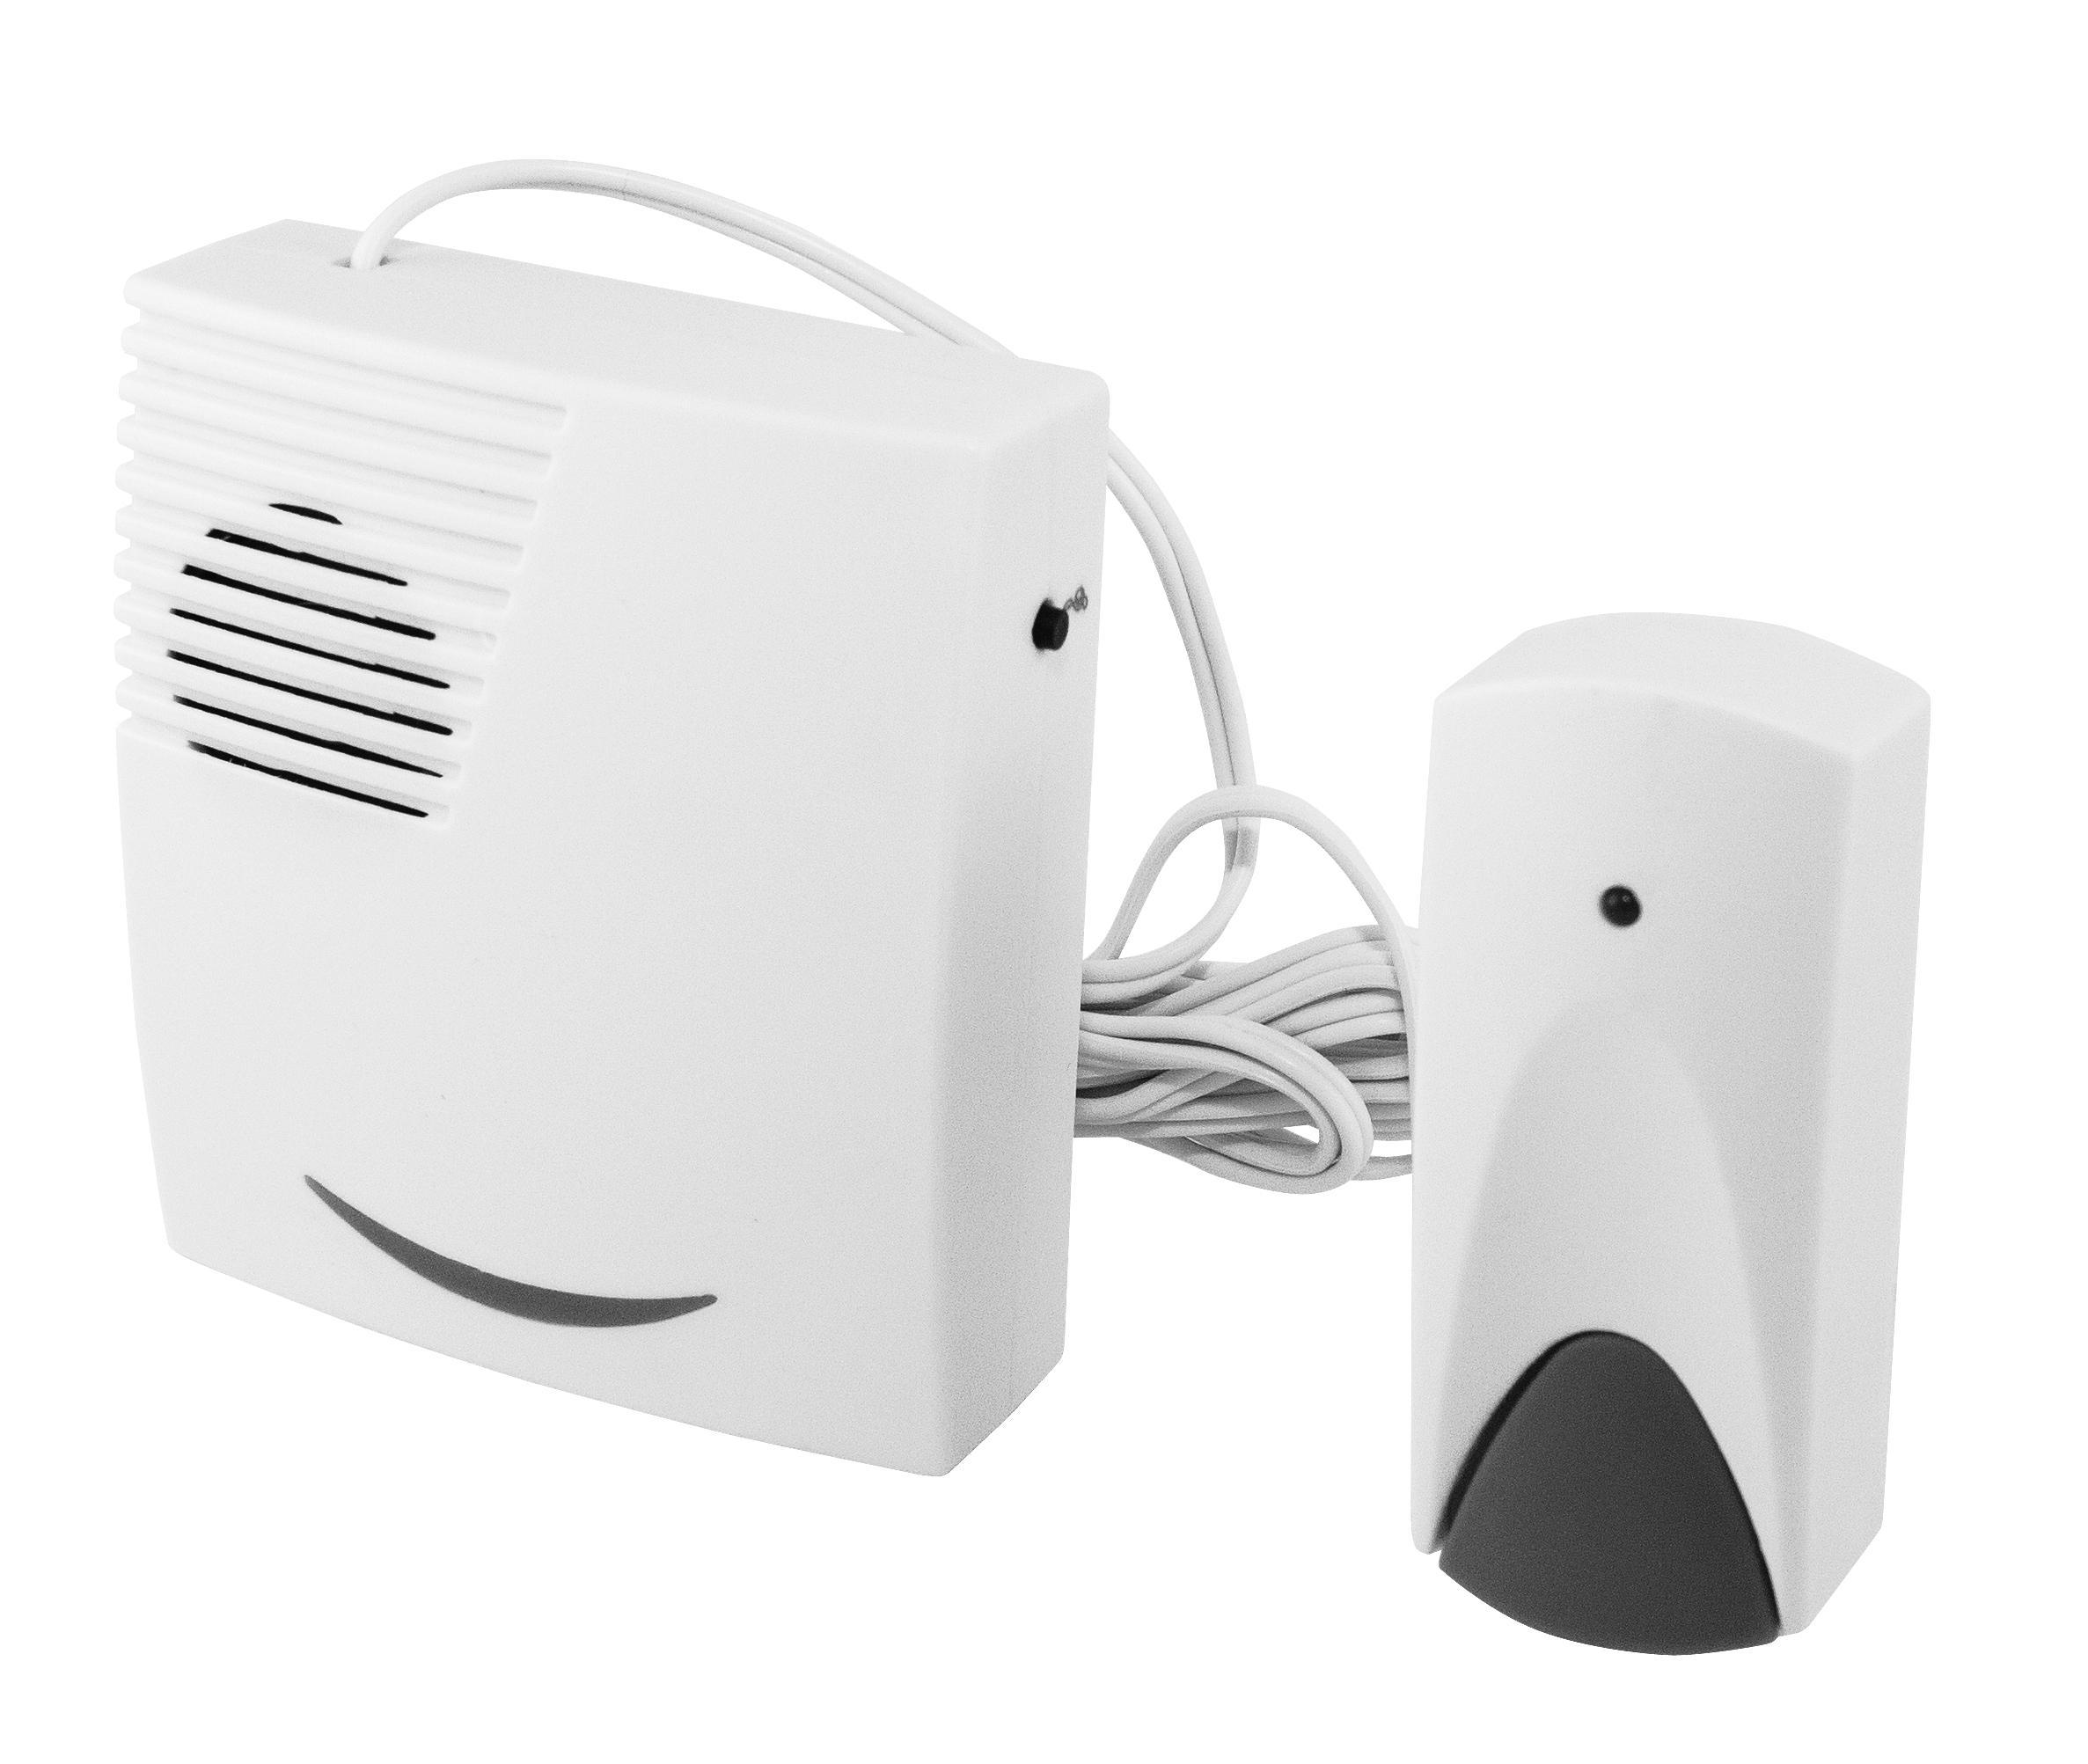 Звонок ТДМЗвонки<br>Тип: звонок, Тип звонка: проводной, Количество мелодий: 25, Цвет: белый, Источники питания: сеть 220v, Степень защиты от пыли и влаги: IP 30, Количество каналов: 1<br>